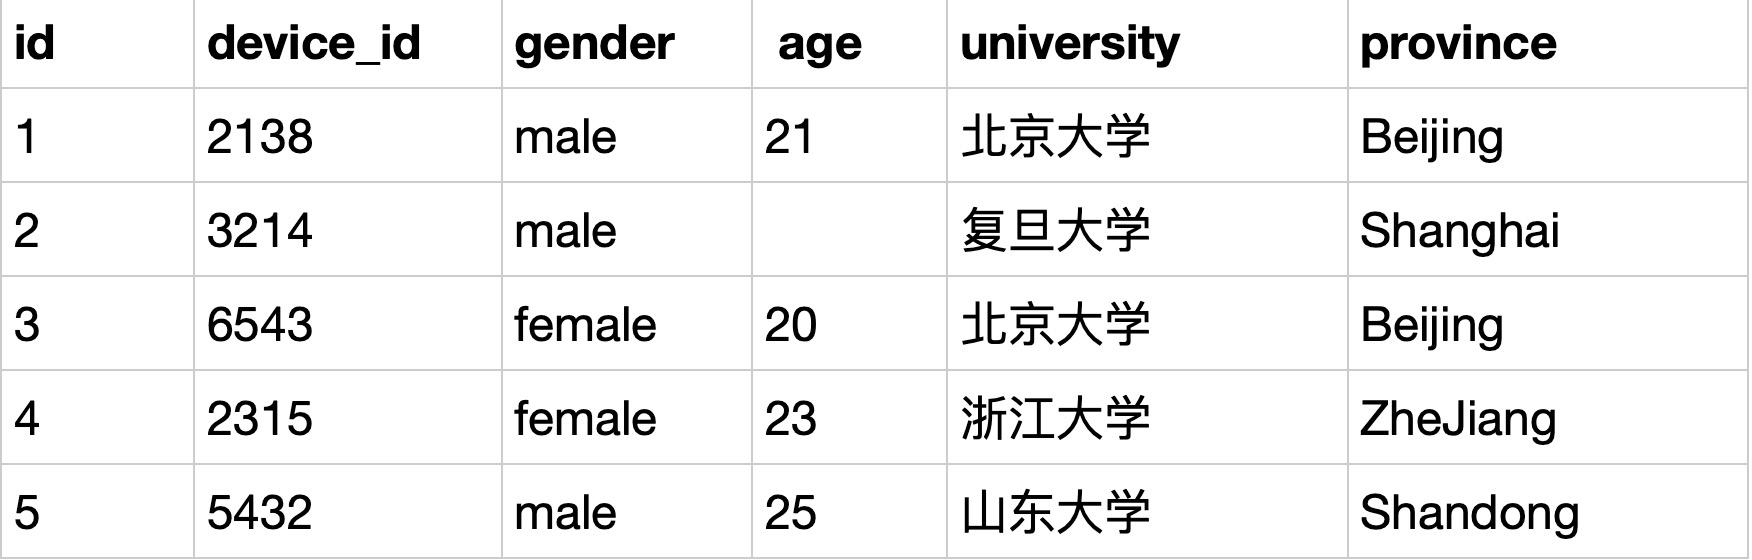 题目:作为区块链毕设学生网的数据分析师,现在运营想要针对24岁以上的用户开展分析,请取出满足条件的用户明细数据。                根据输入,你的查询应返回以下结果: